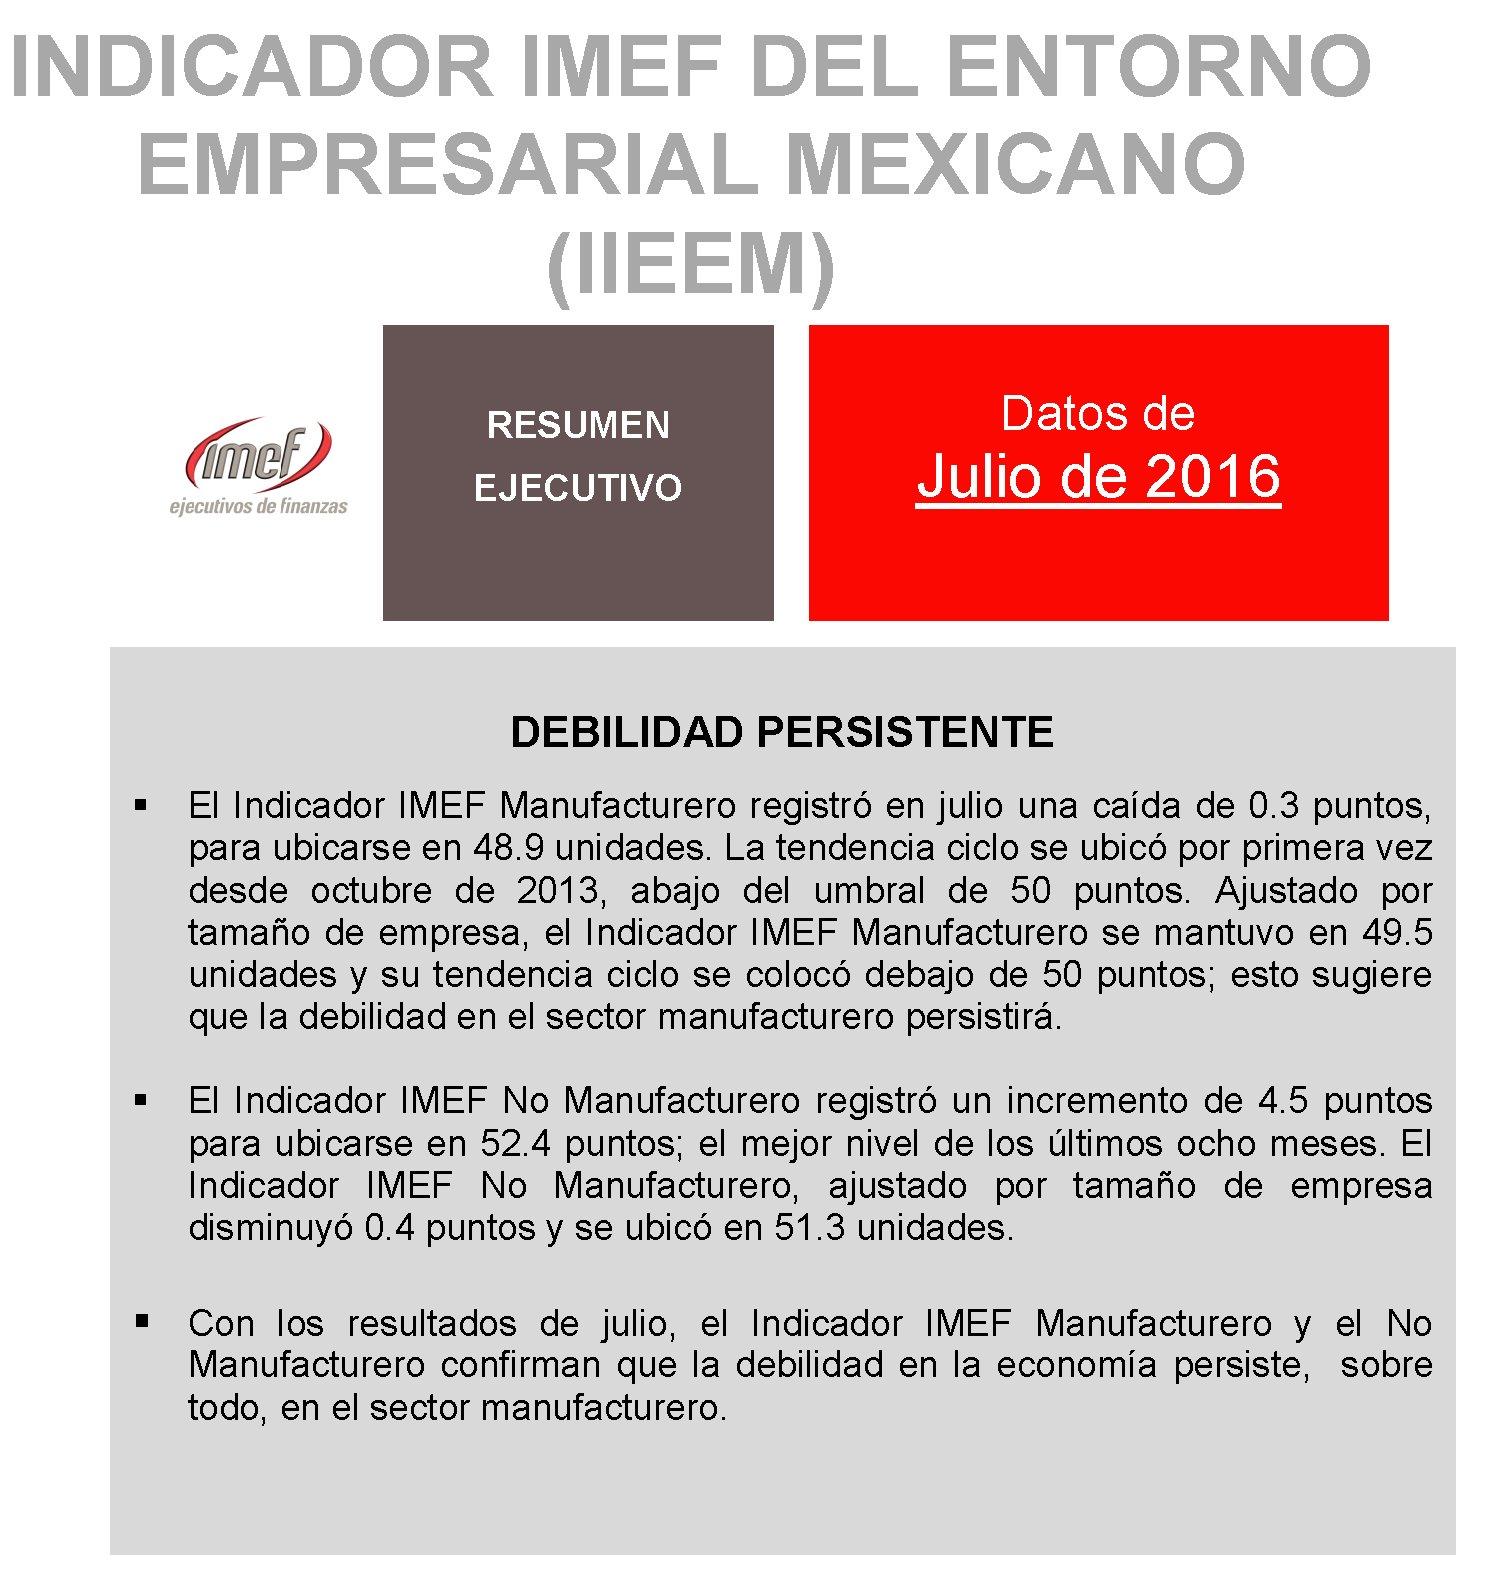 """""""Debilidad persistente"""", resultados del #IndicadorIMEF en julio: https://t.co/9KePytpE0J https://t.co/sMexnQiumR"""